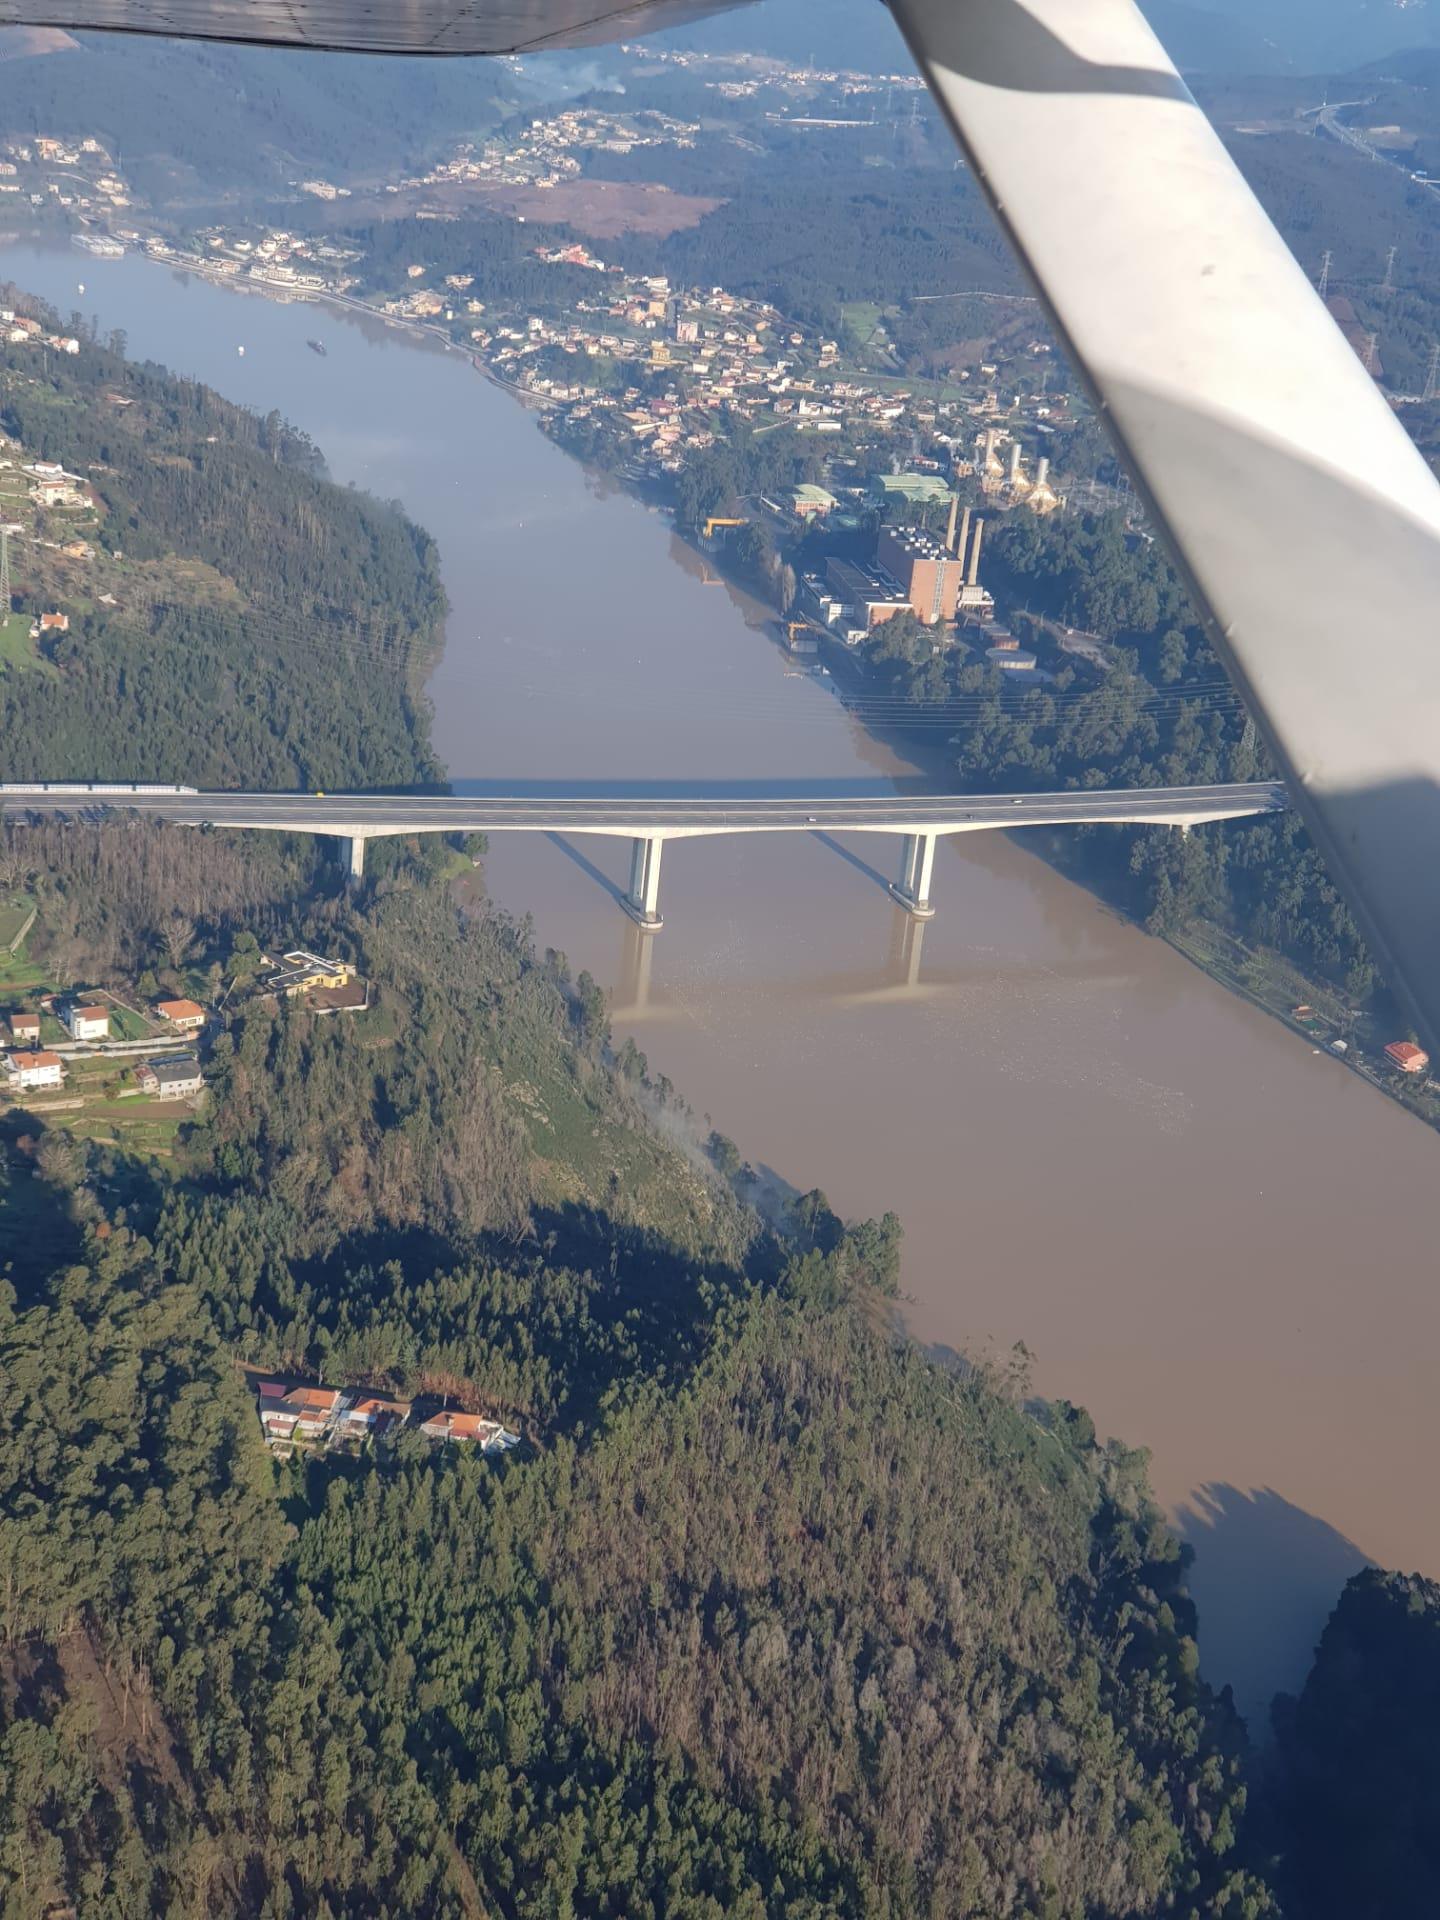 LM-Arquivo-Douro-Paiva-Foto-Aerea-ETA-Lever-057